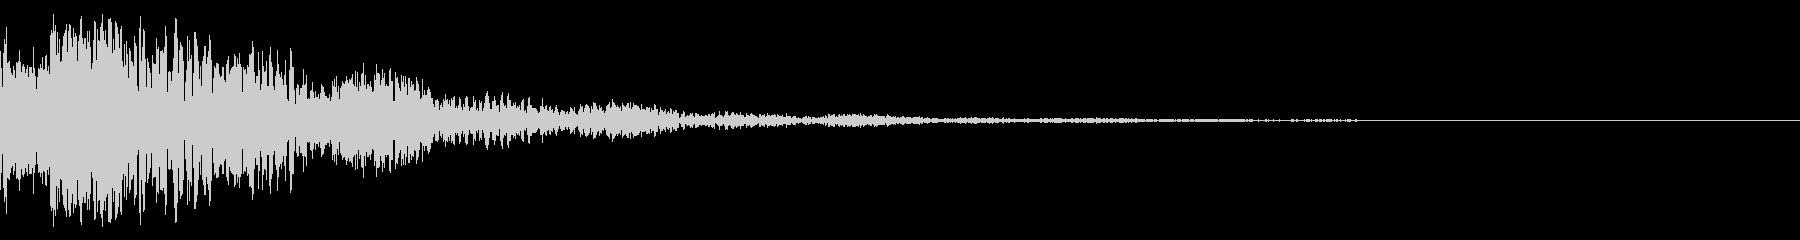 ドドン!(迫力ある太鼓と拍子木の音)02の未再生の波形